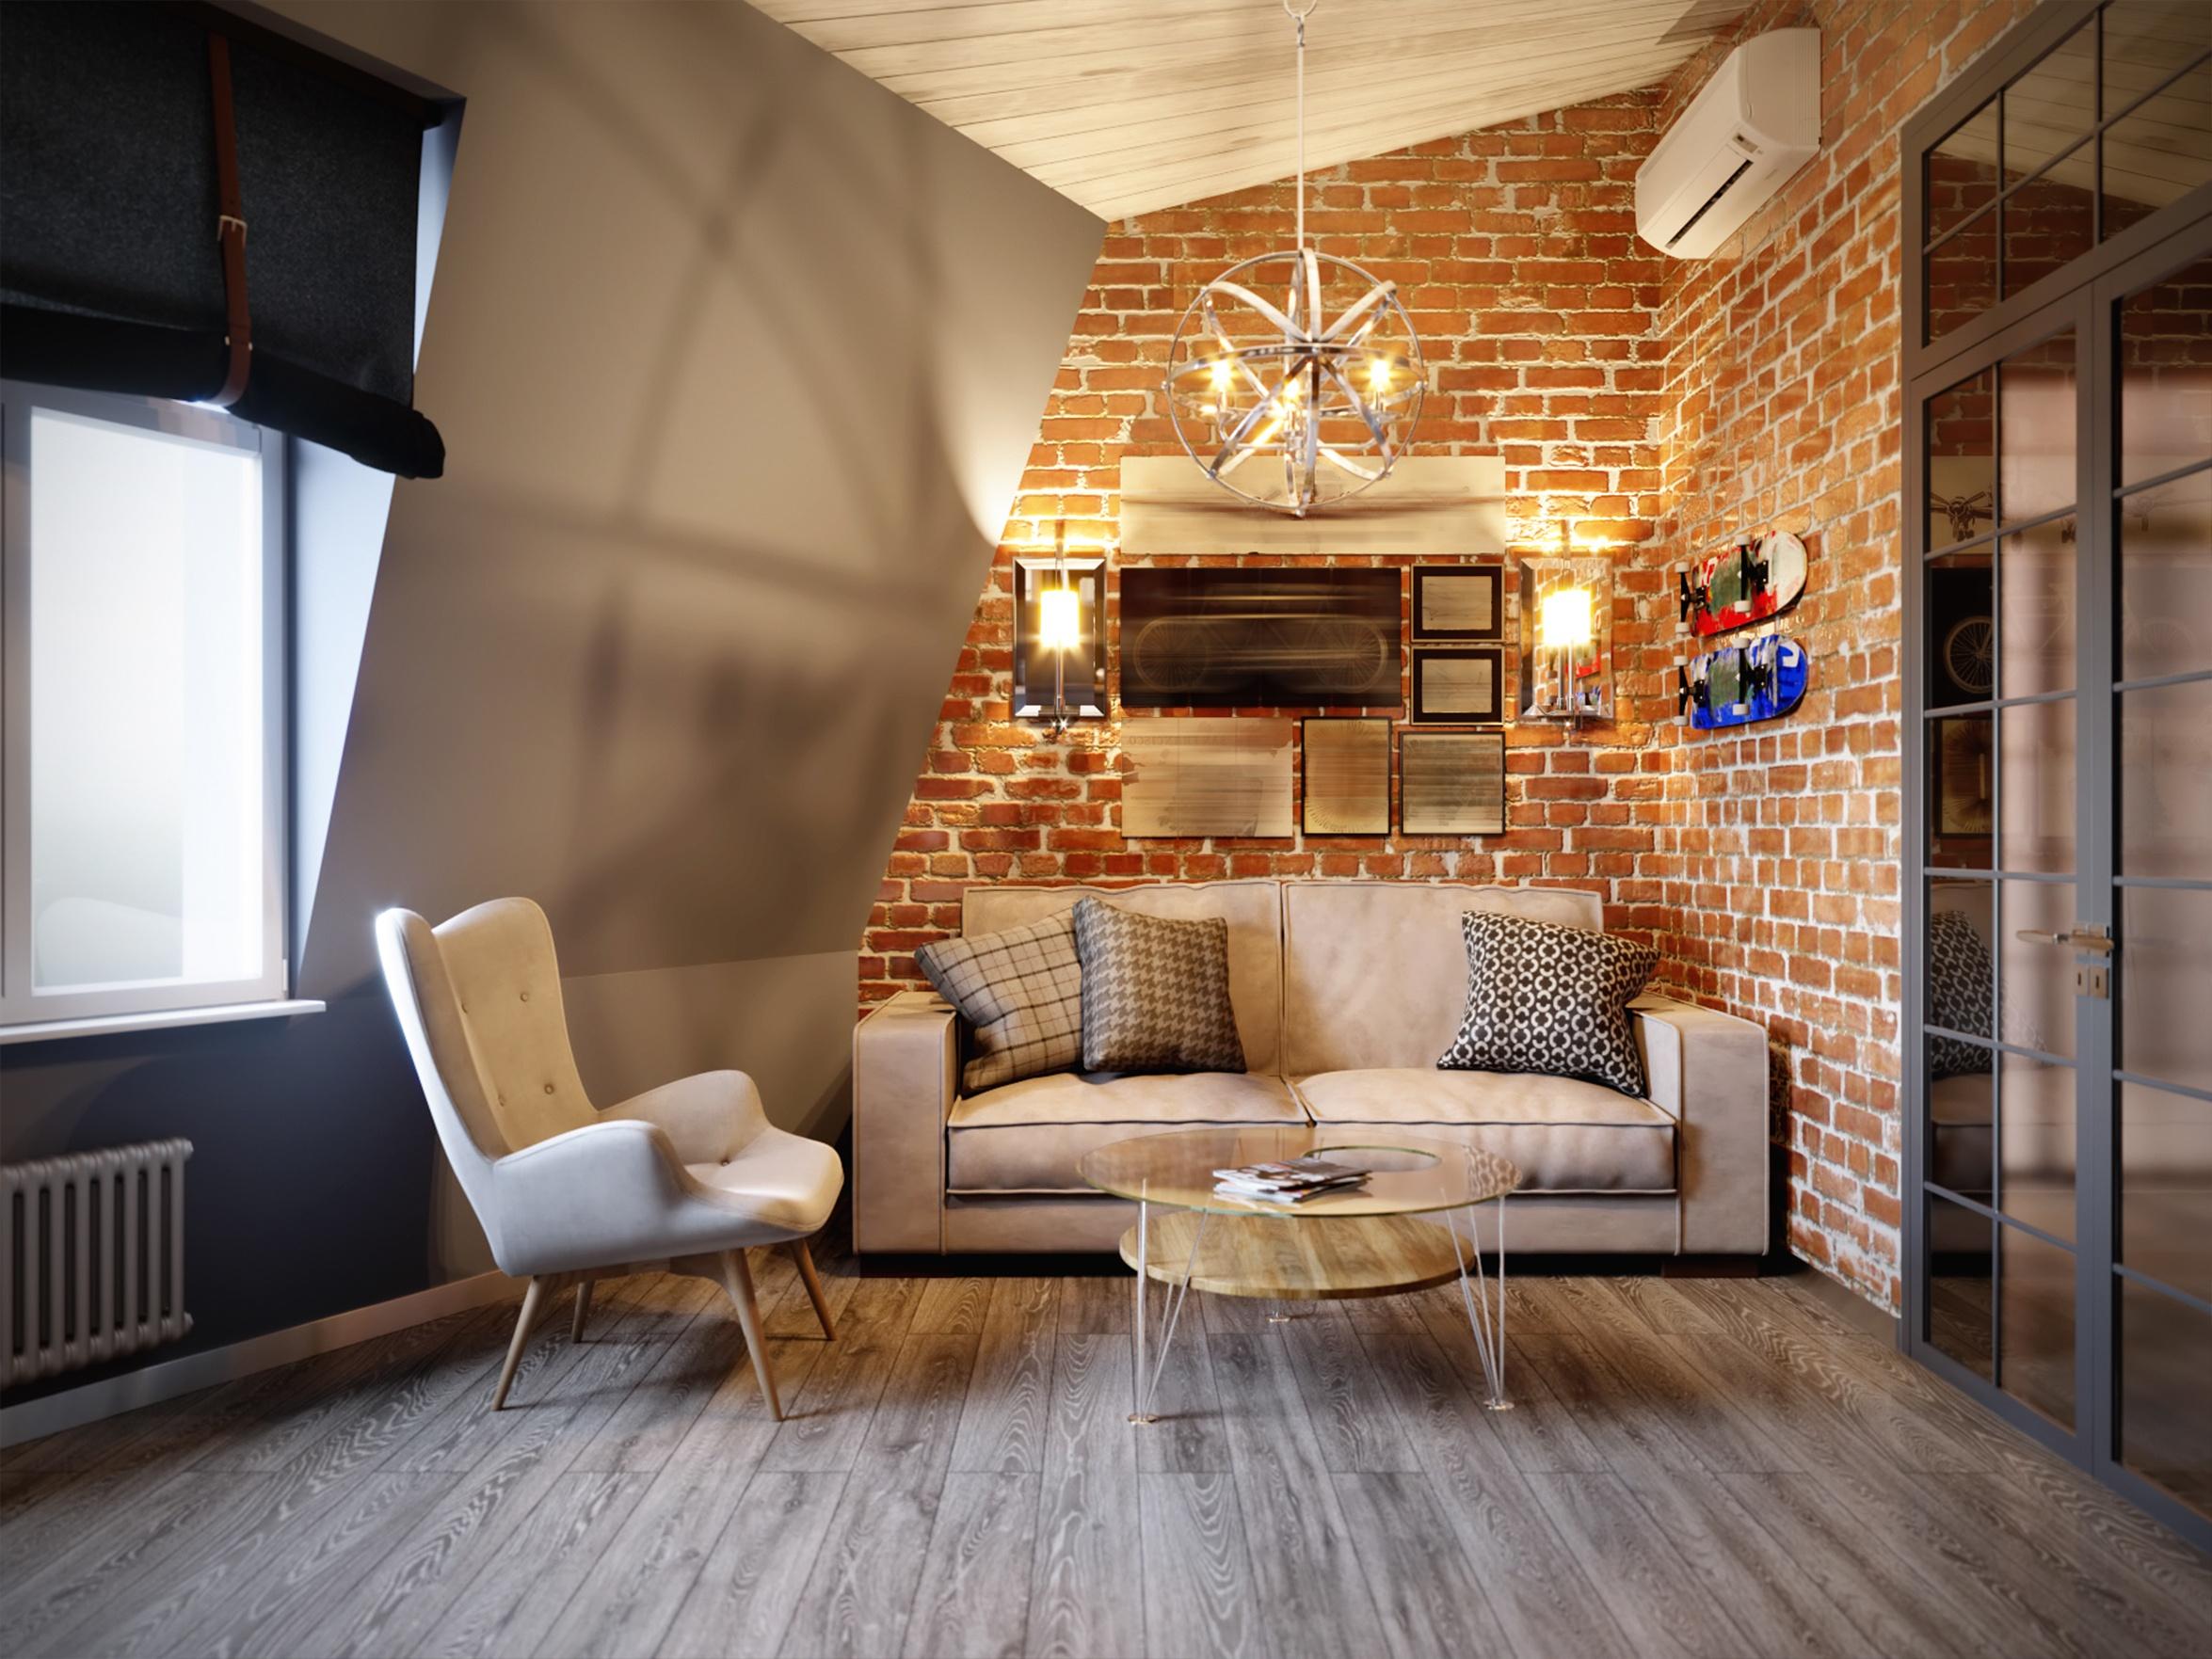 interiorbrickwallholiday.jpg